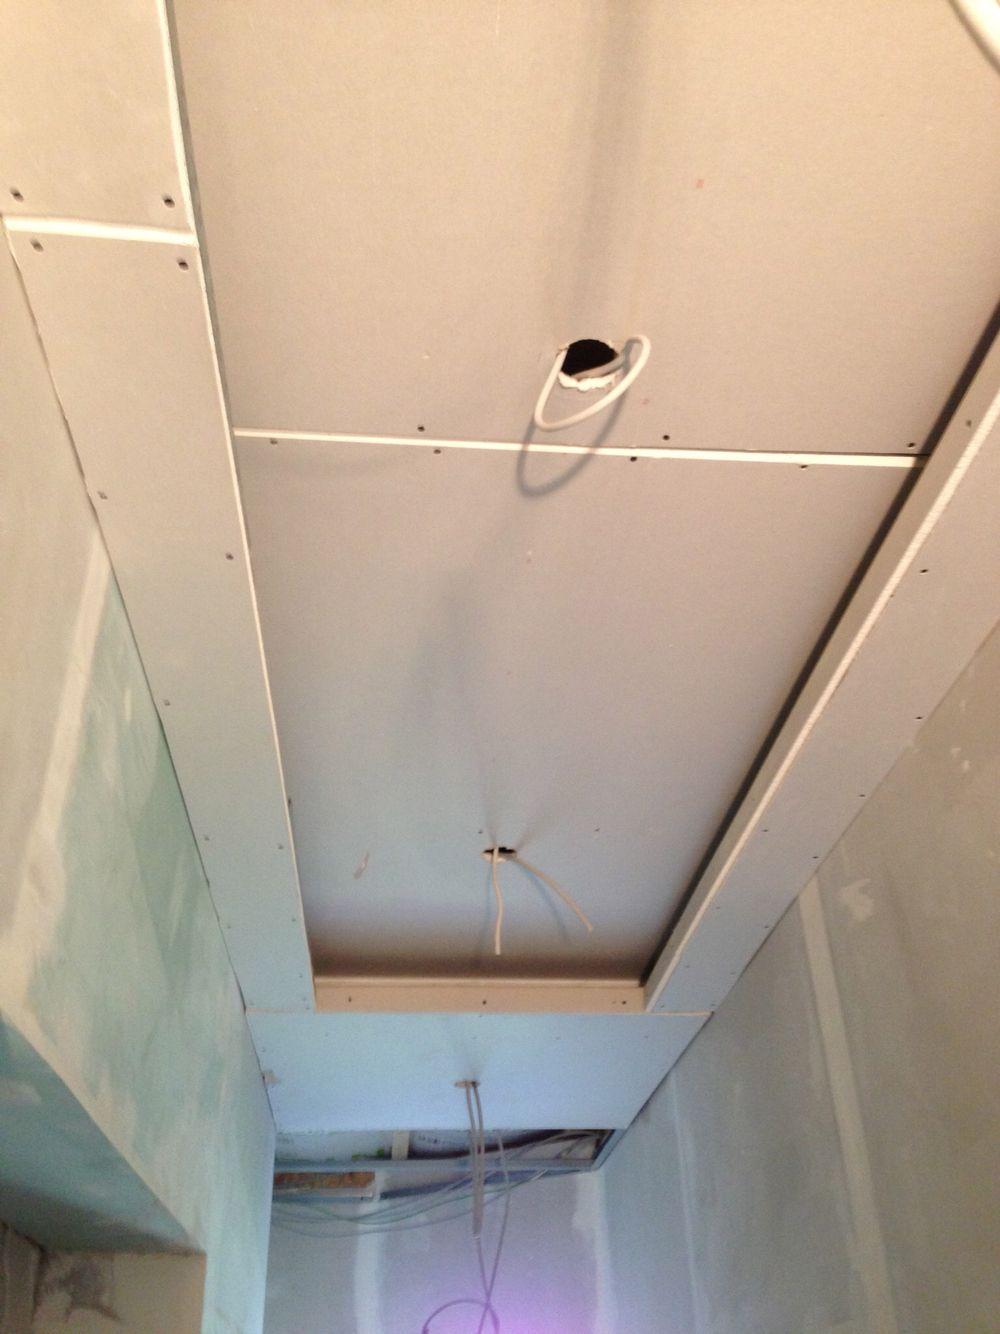 Neue Indirekte Beleuchtung Indirekte Beleuchtung Beleuchtung Beleuchtung Wohnzimmer